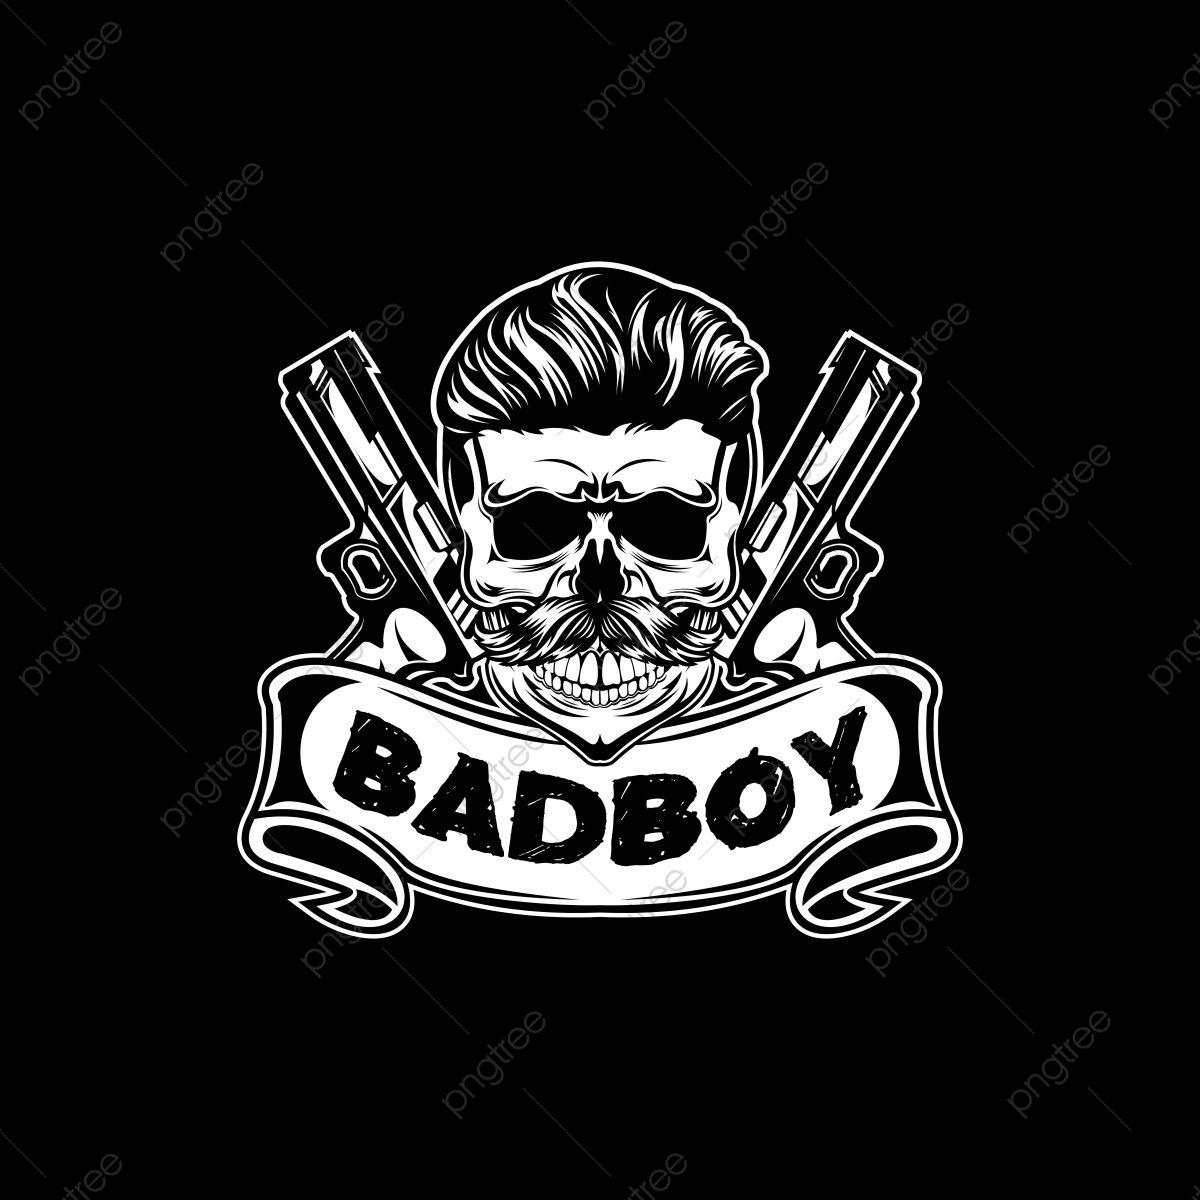 Badboy Skull Wallpaper Skull Dark Iphone Wallpaper Skull Wallpaper Skull Wallpaper Iphone Skull Artwork